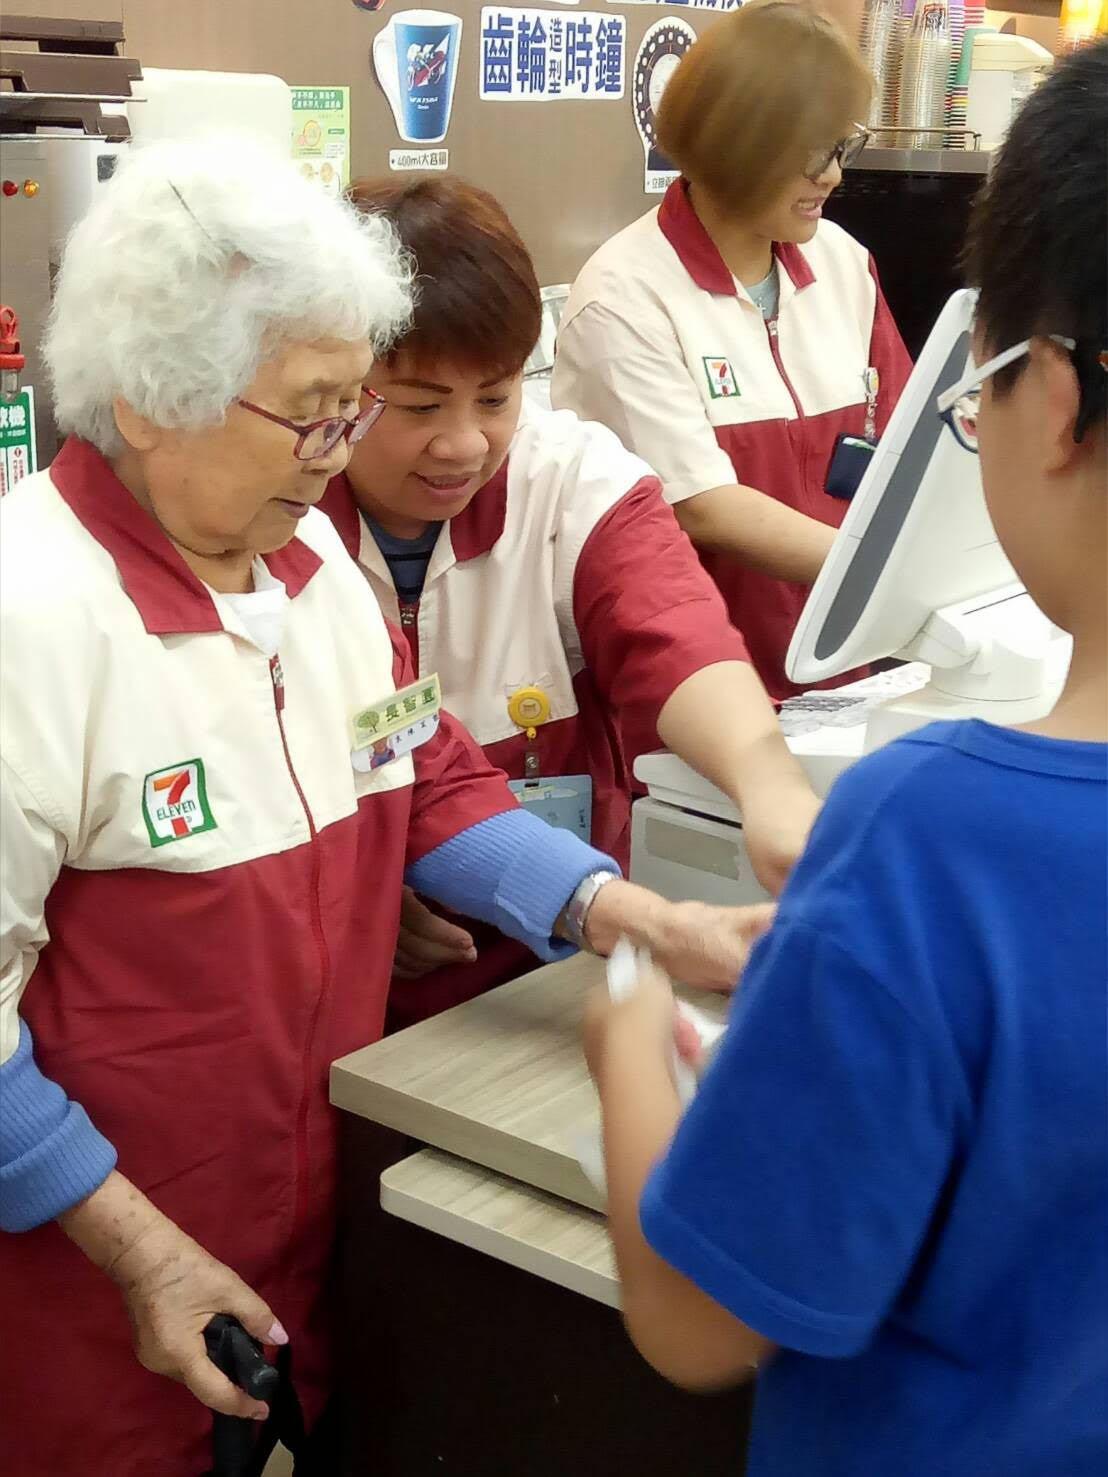 長智園失智症奶奶協助客人結帳,在今天的工作中,她擔心的不是算錯錢,而是看到這麼大...